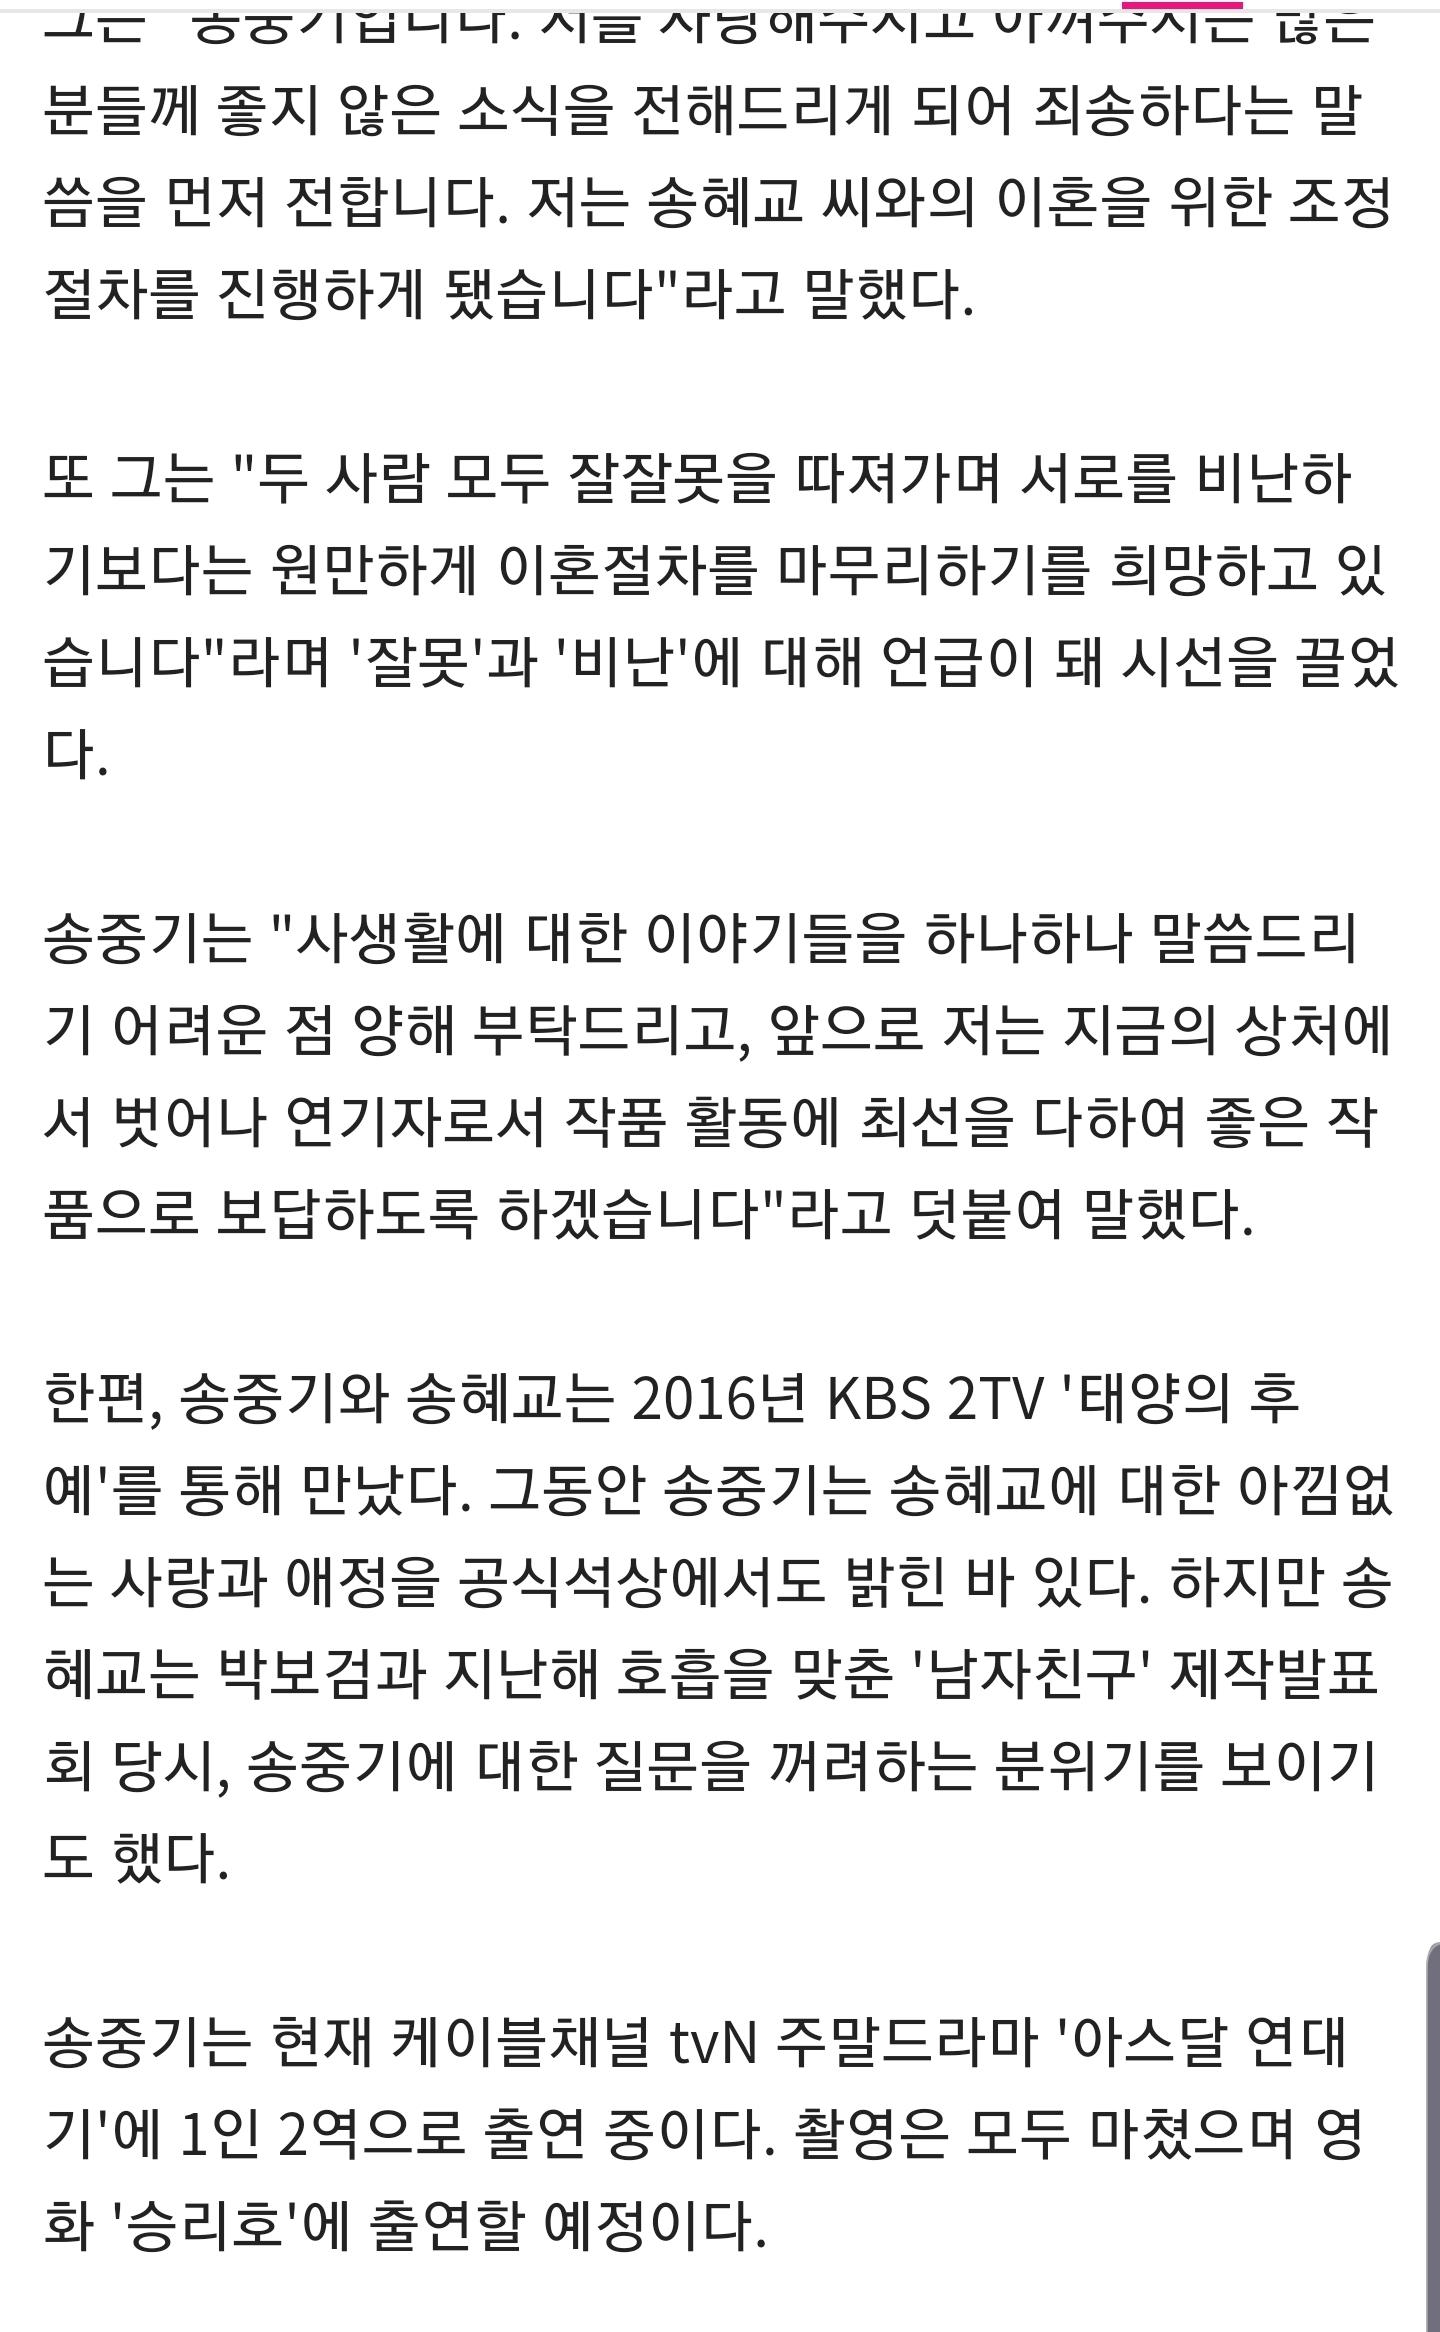 송중기·송혜교 이혼, 송중기가 직접 입장 밝혔다